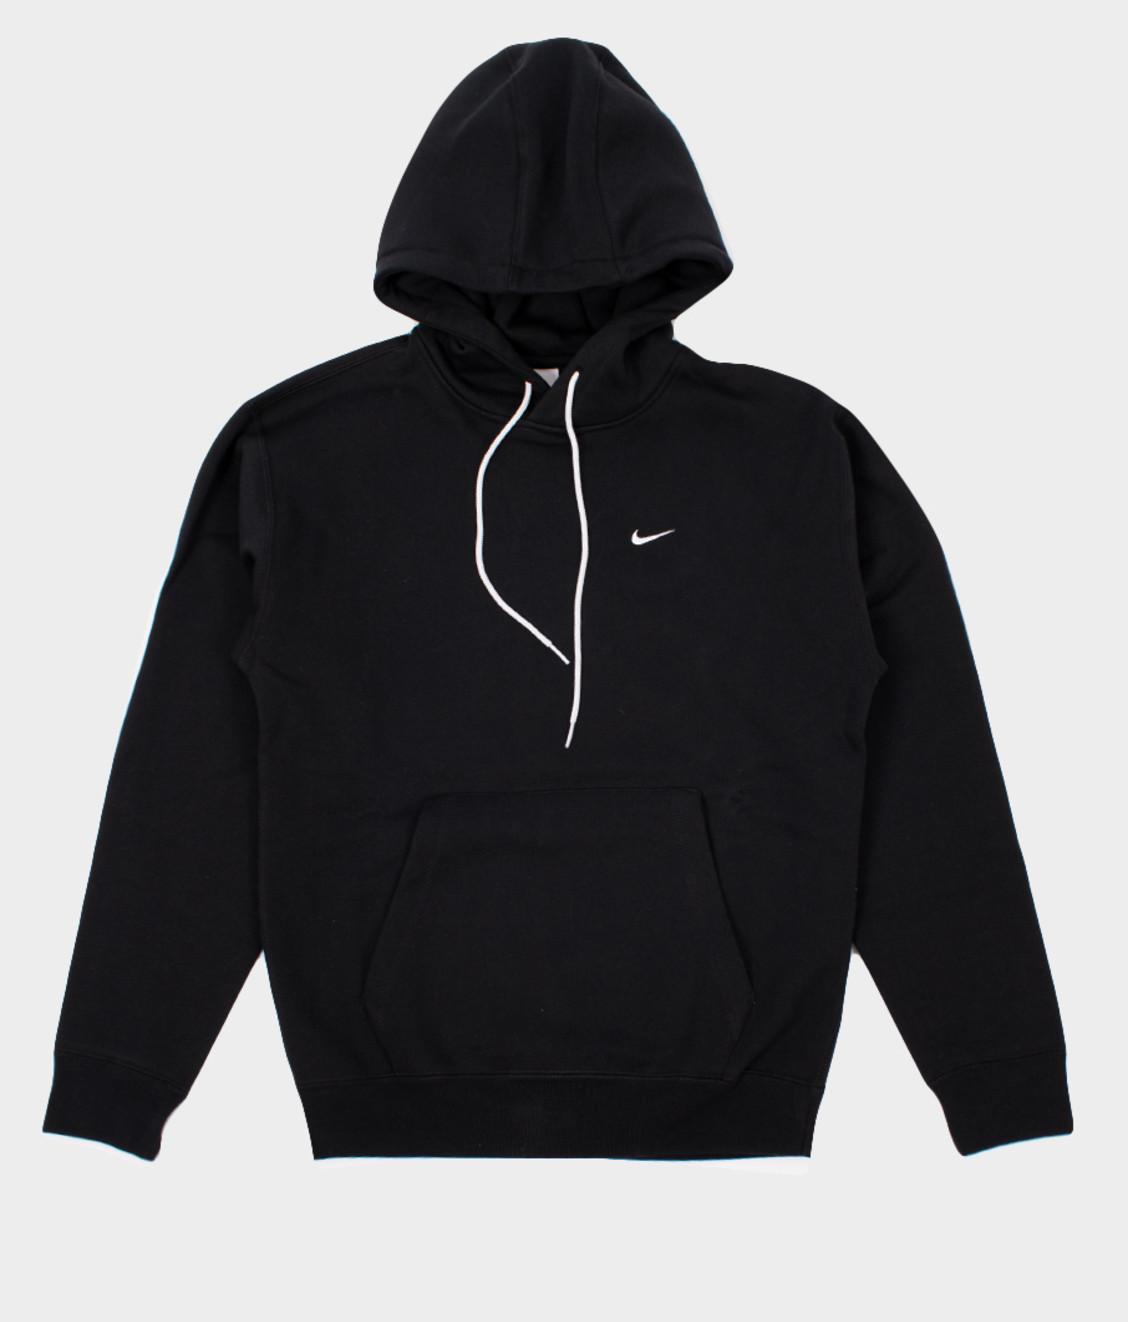 Nike Nike NRG Hoodie Black